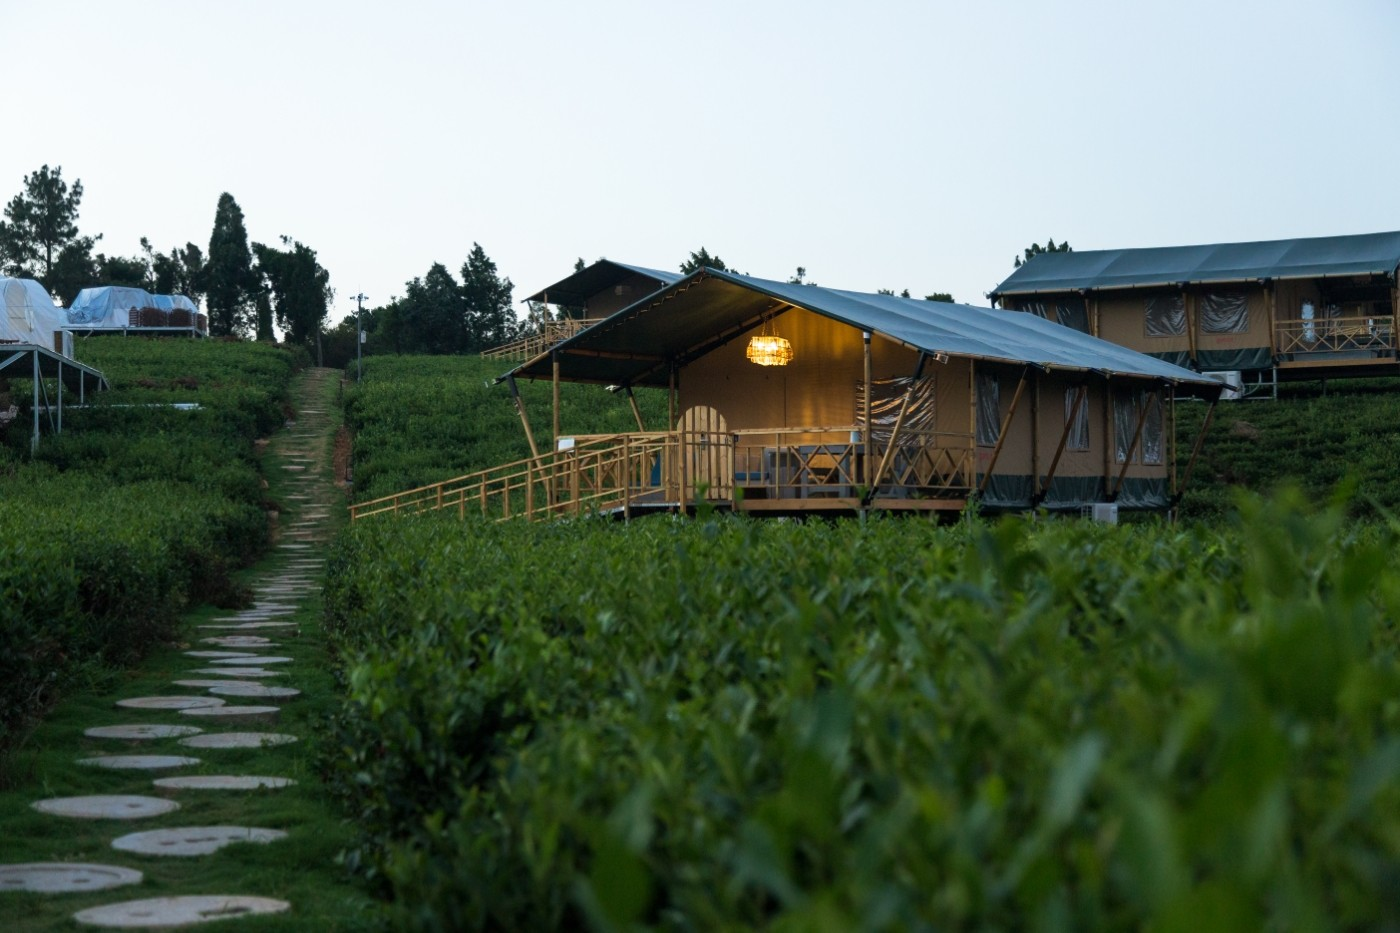 喜马拉雅野奢帐篷酒店—江苏常州茅山宝盛园茶园帐篷酒店24